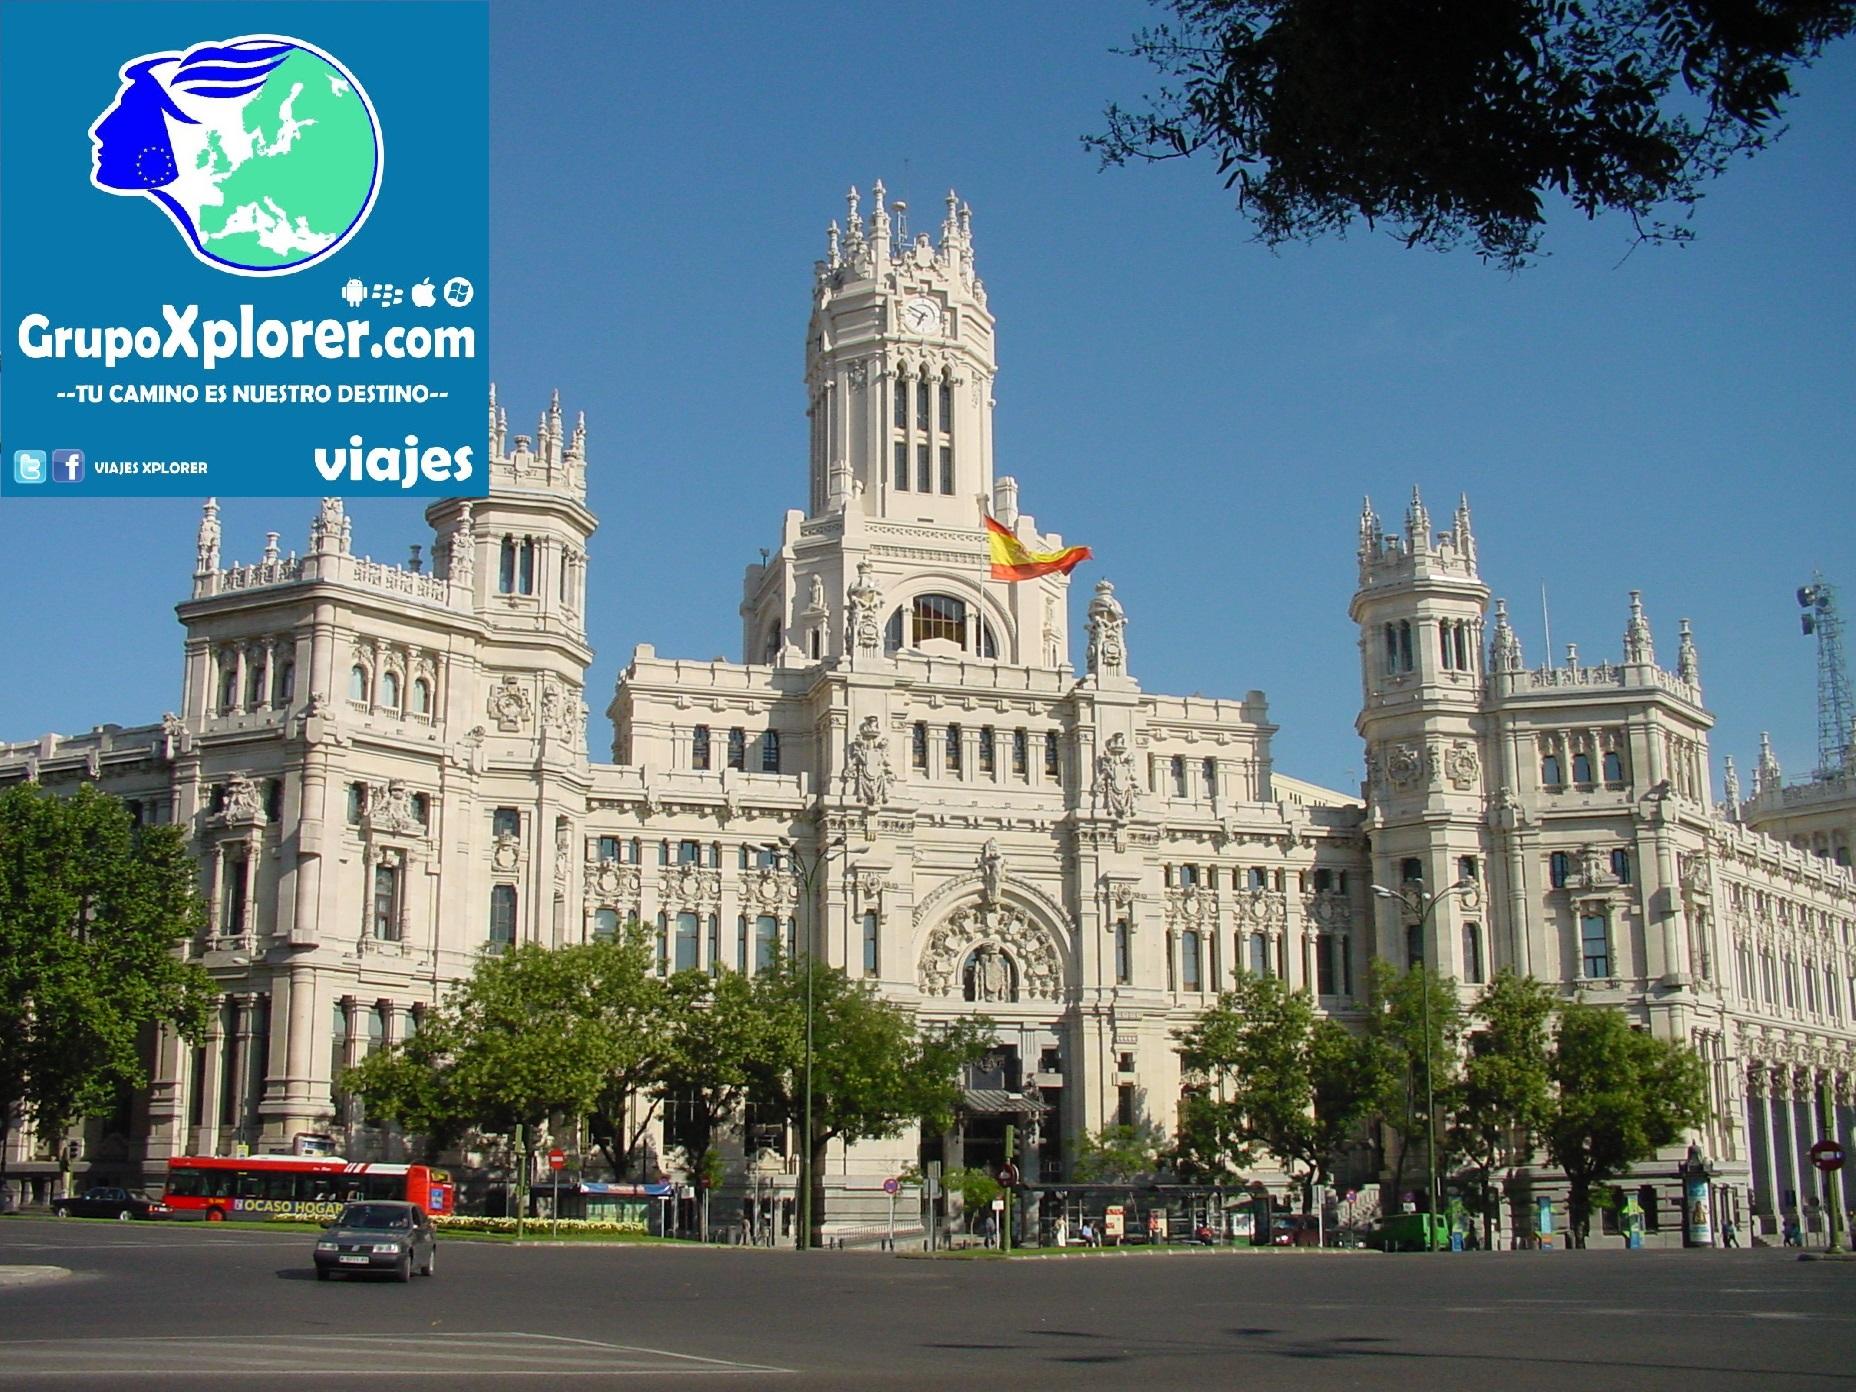 Palacio_de_Comunicaciones,_sede_del_Ayuntamiento_de_Madrid